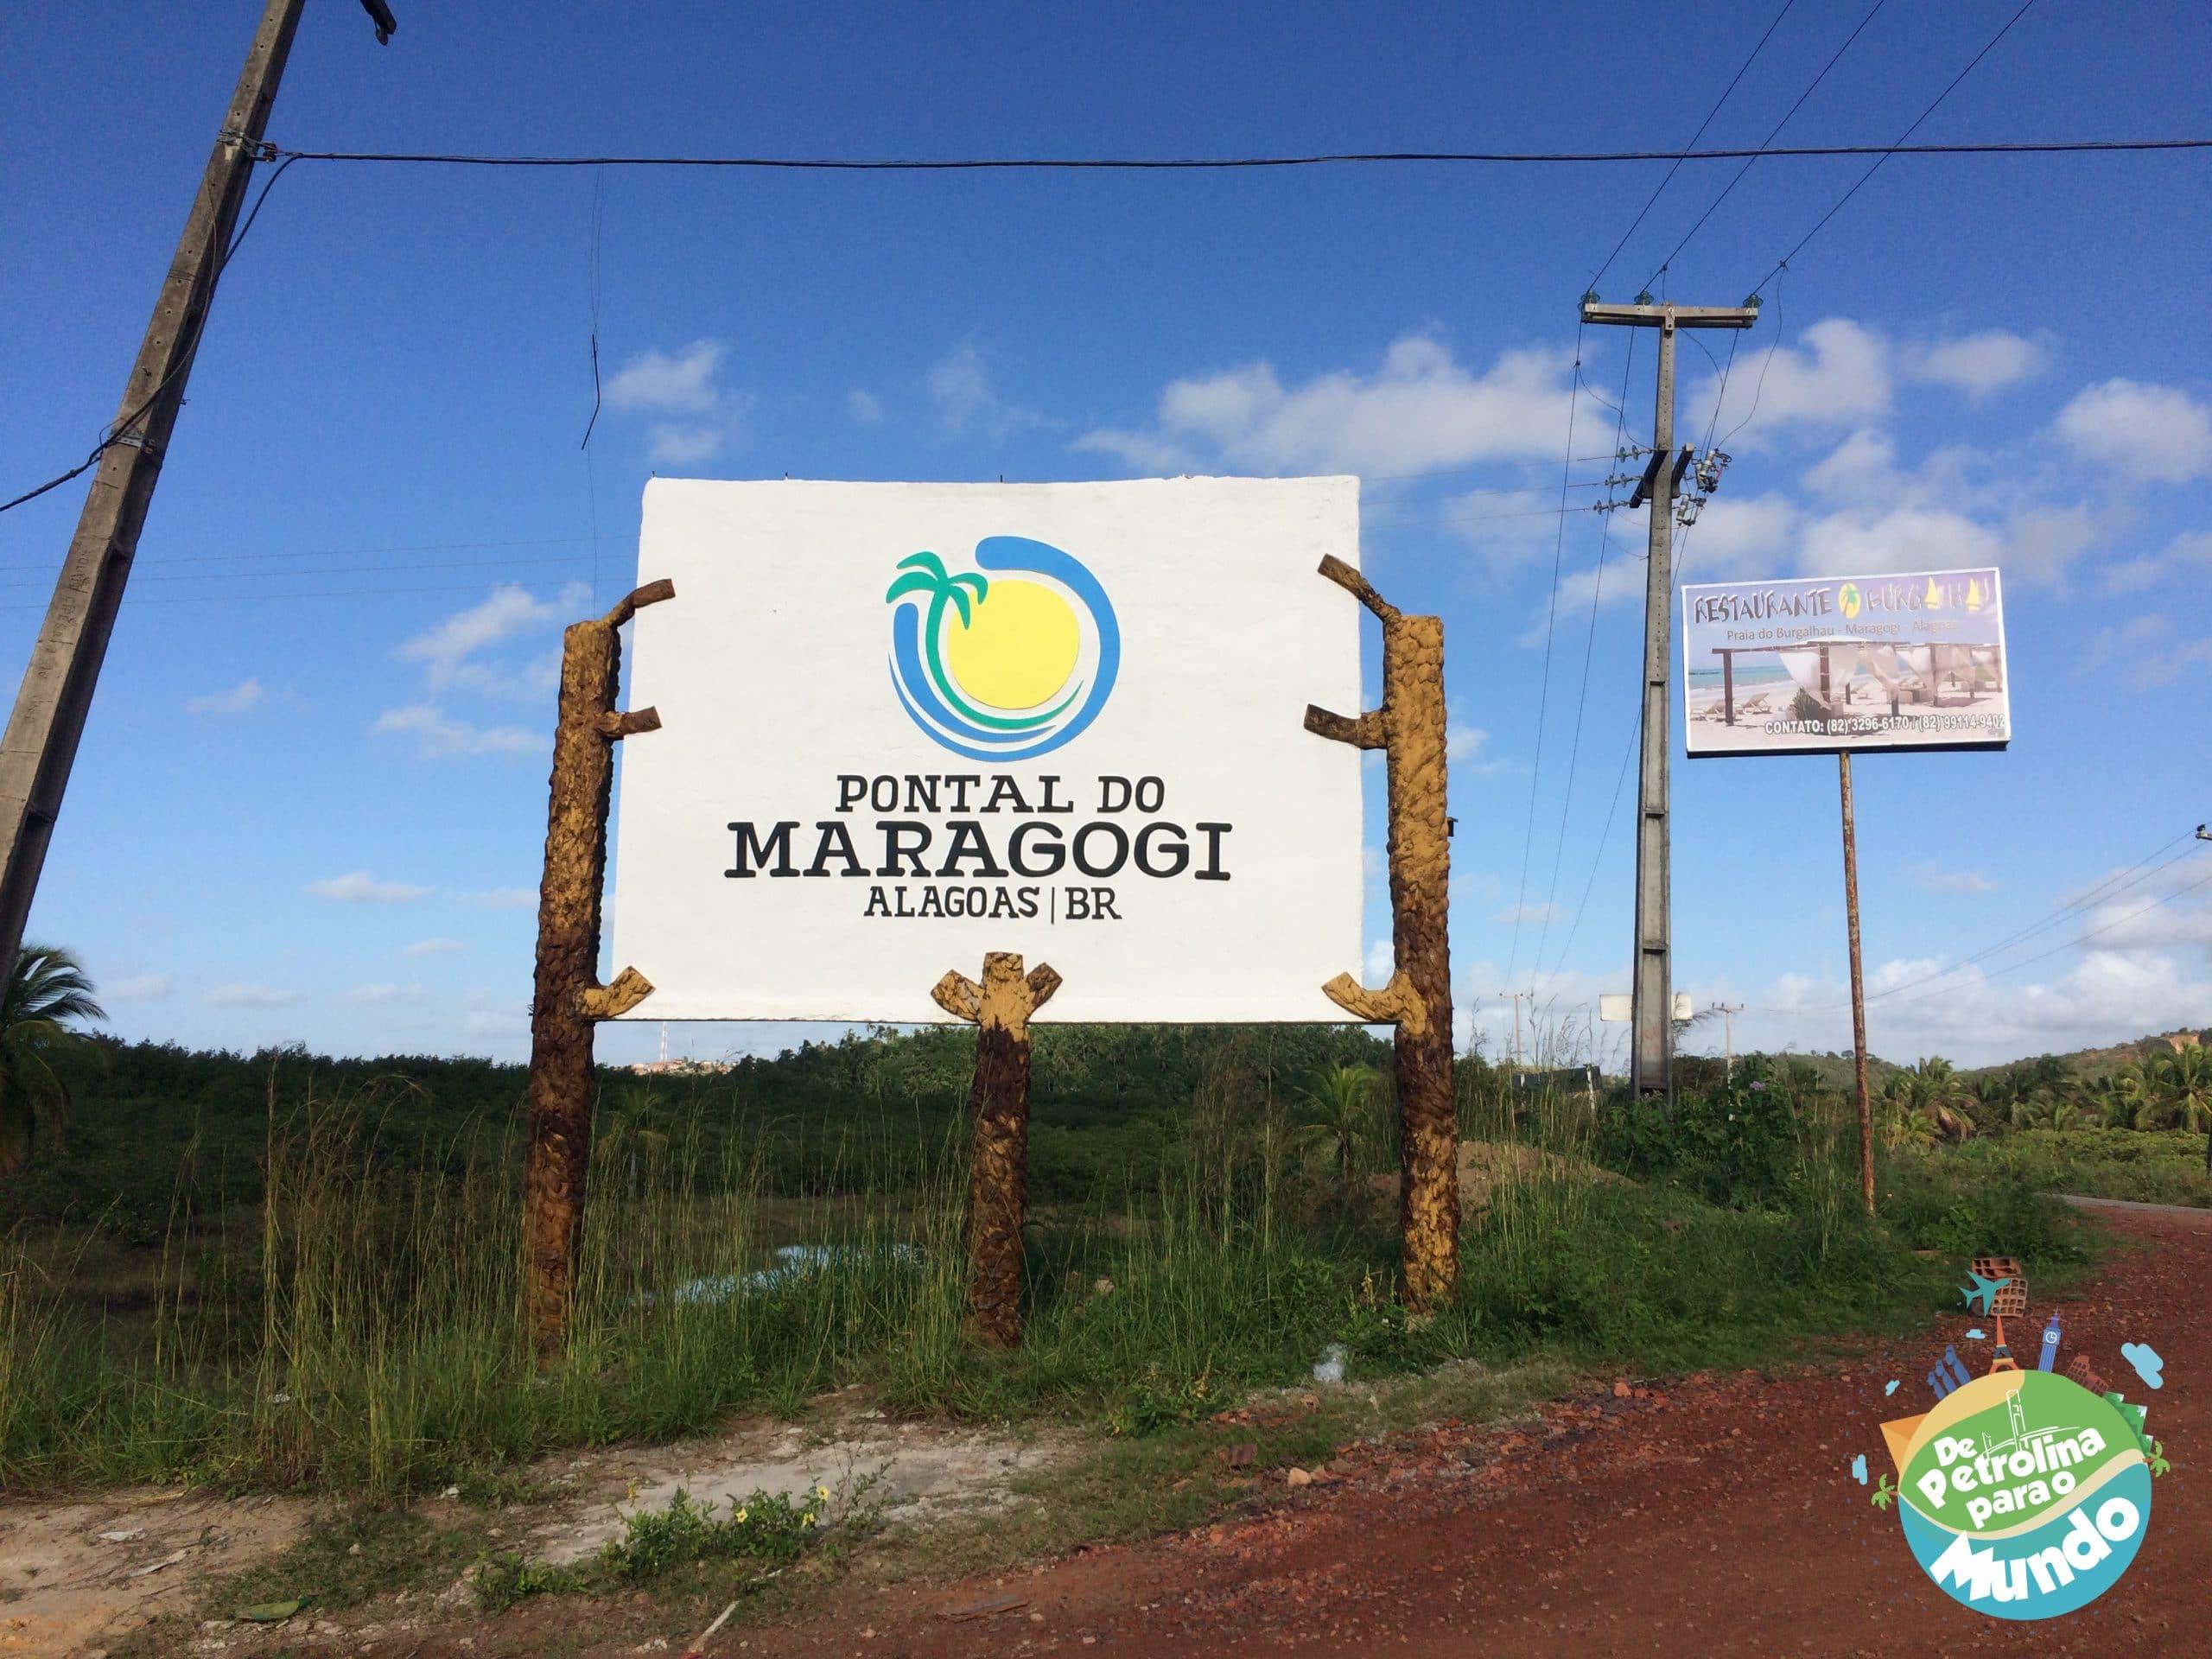 Pontal do Maragogi